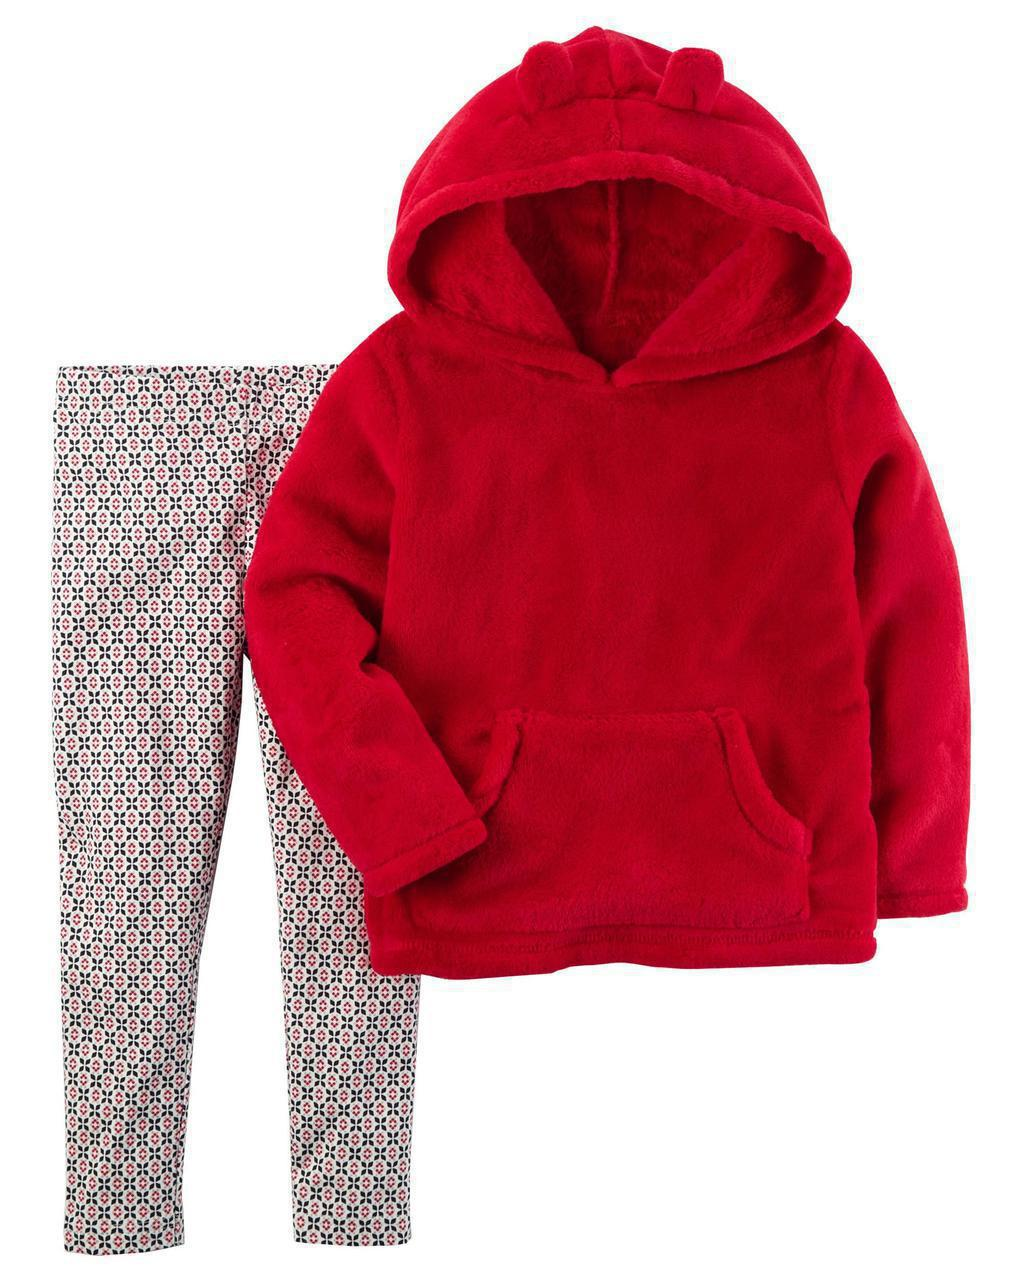 Леггинсы + Теплый пуловер Carters для девочки 6 мес 61-67 см. Набор из 2-х частей